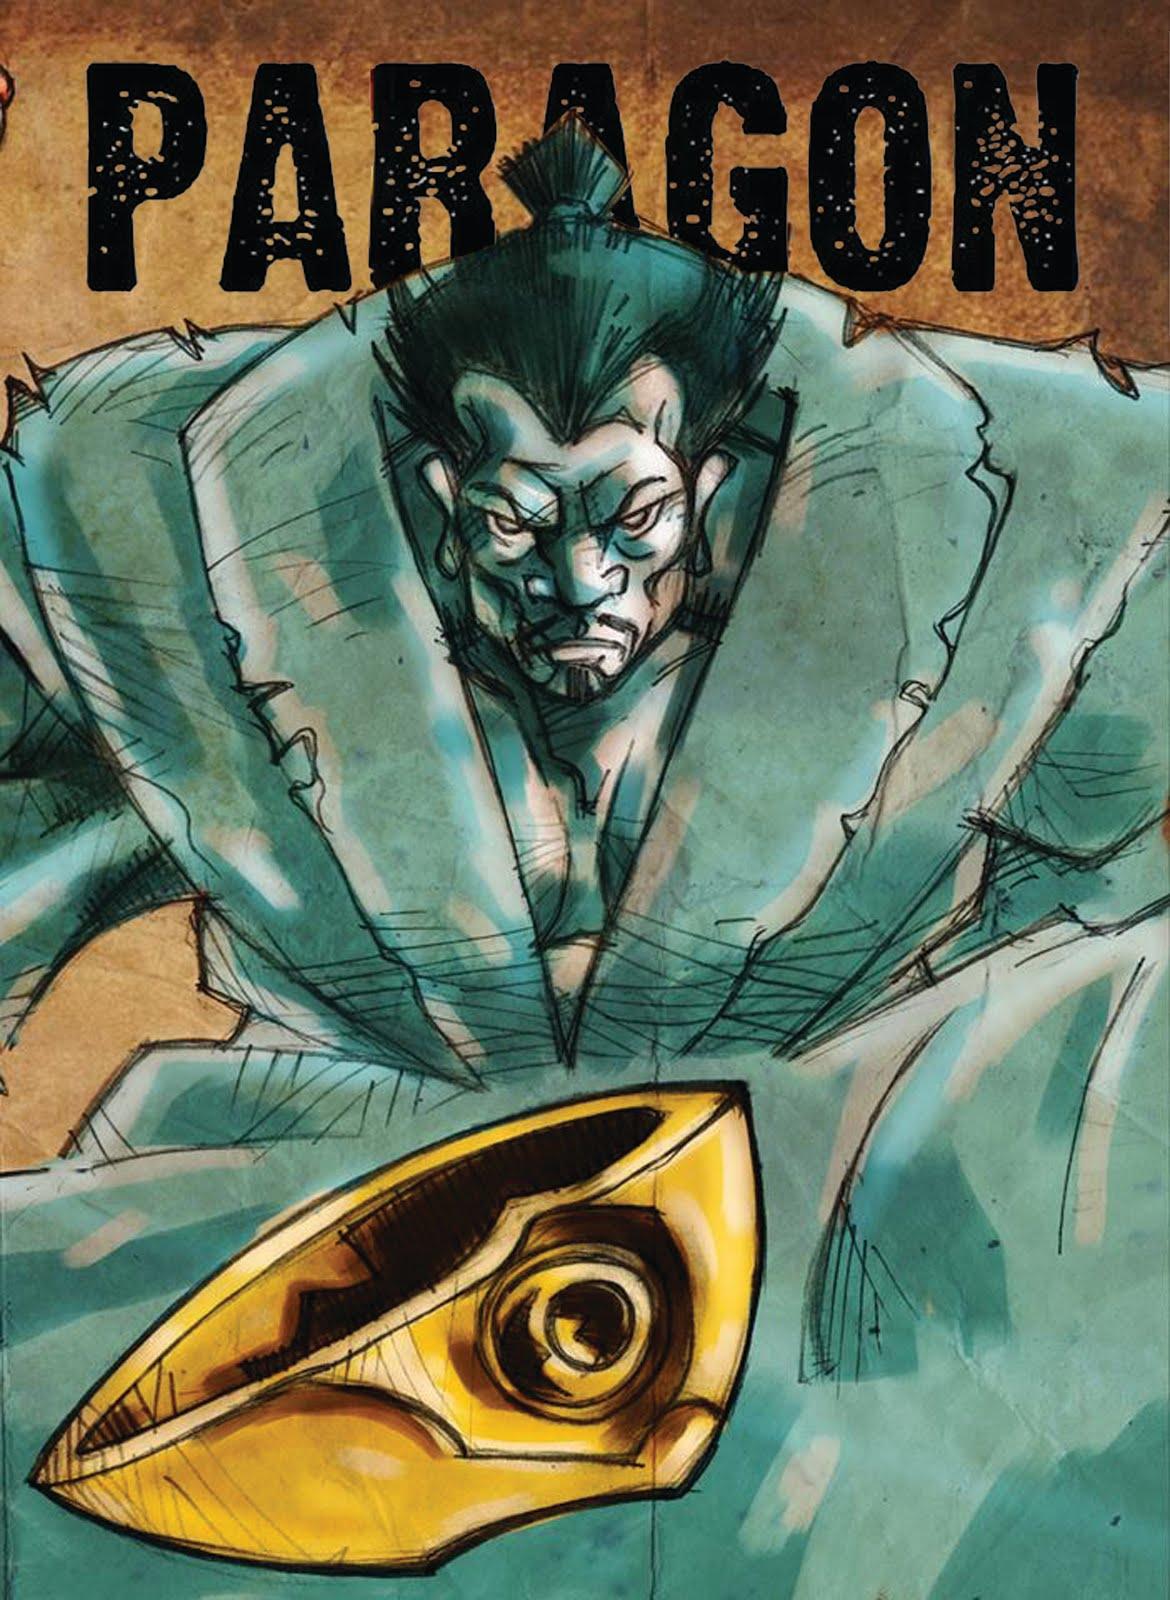 PARAGON #22